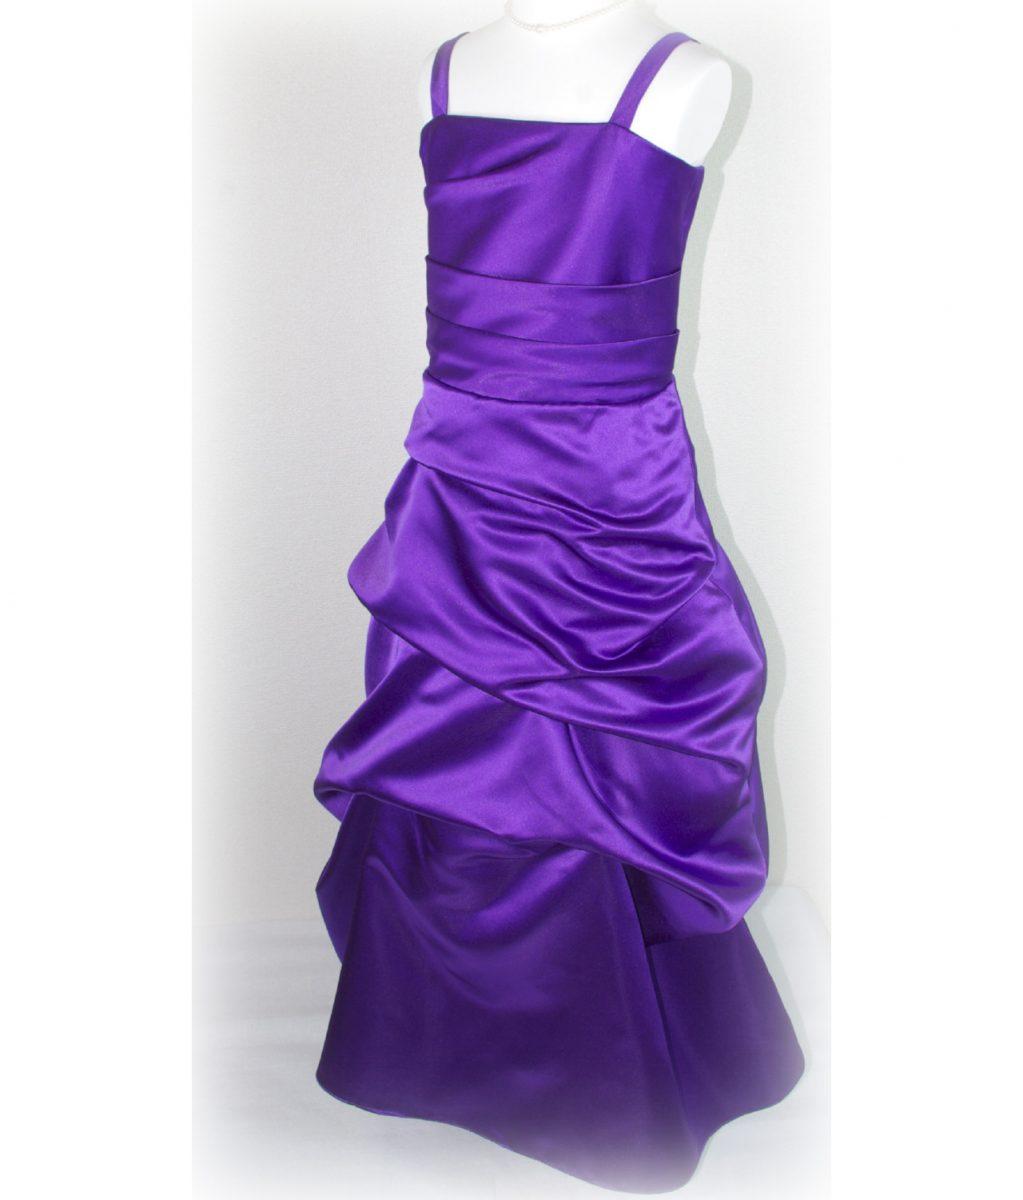 子供ドレス「ロイズ」ハイ・パープル J8004-1